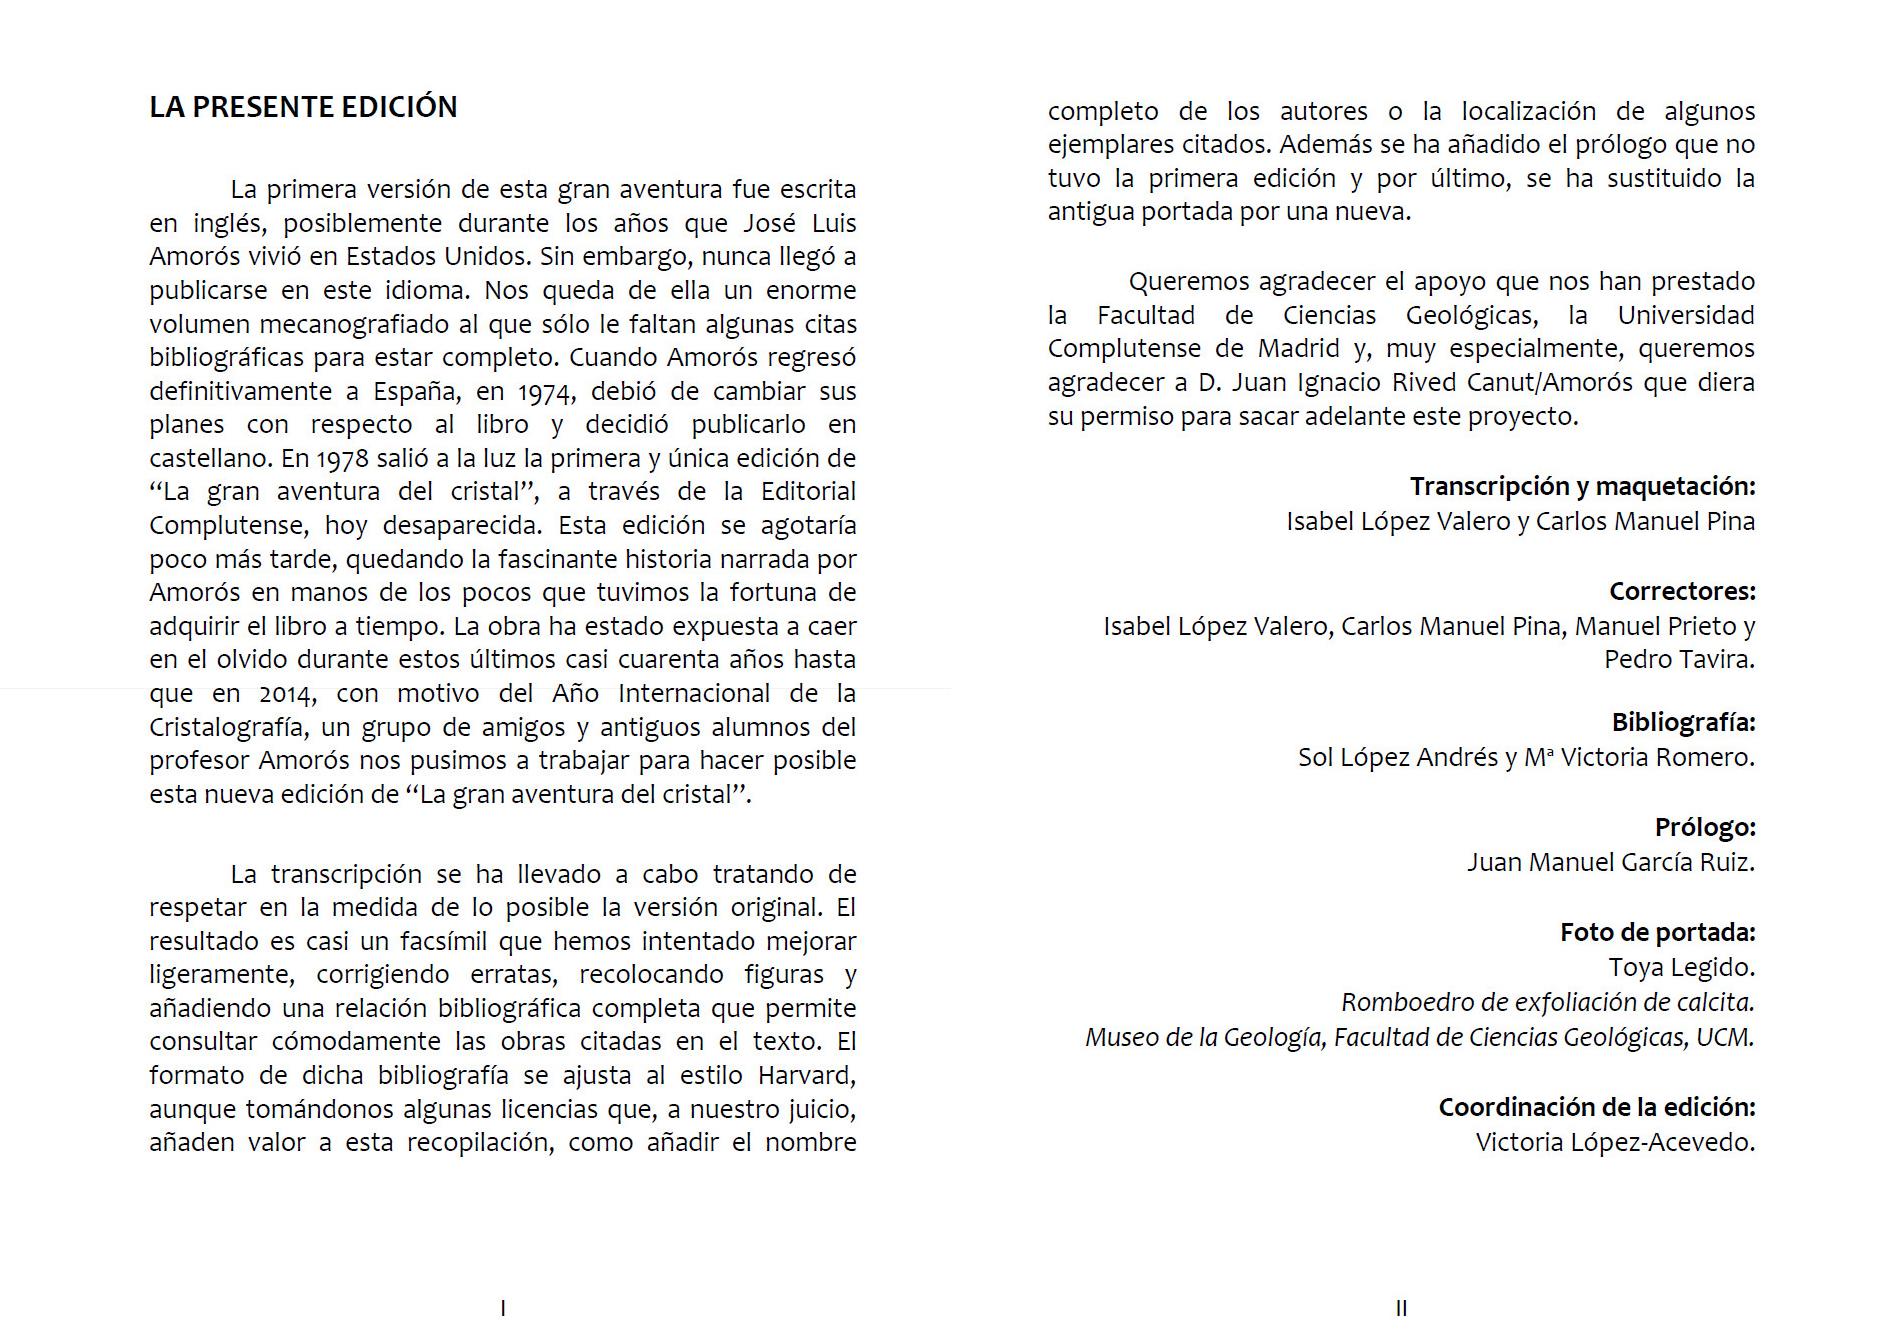 La presente edición - Victoria López-Acevedo